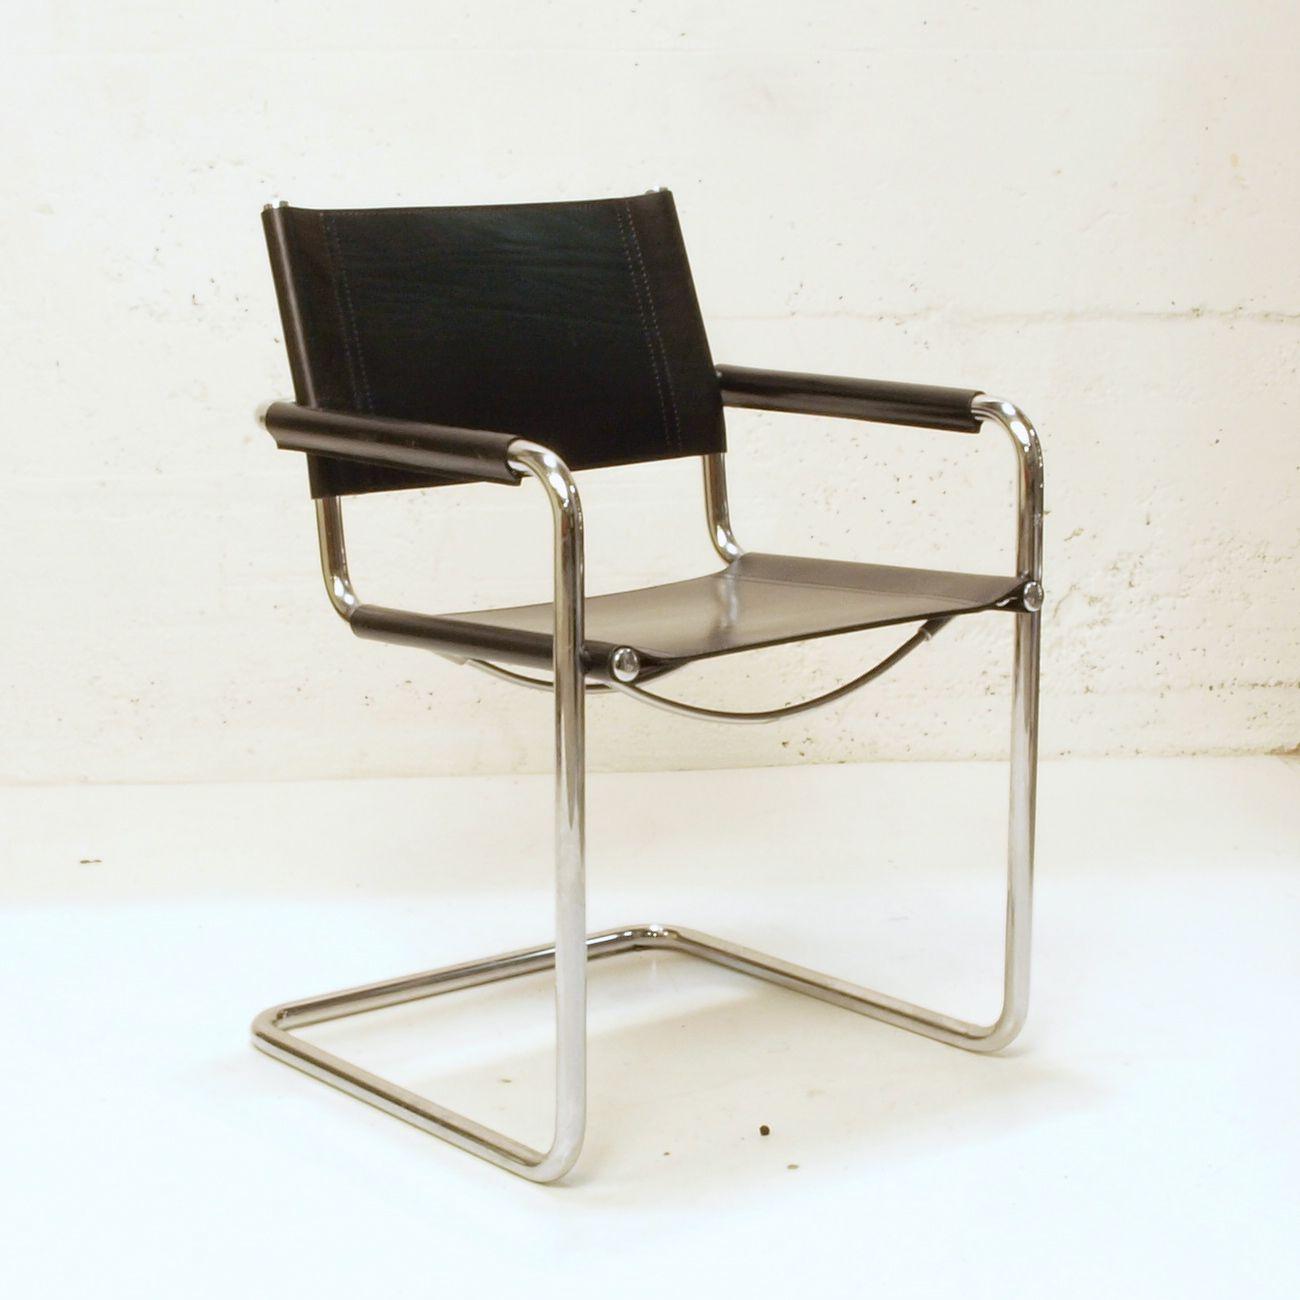 freischwinger mobilia italia m bel z rich vintagem bel. Black Bedroom Furniture Sets. Home Design Ideas